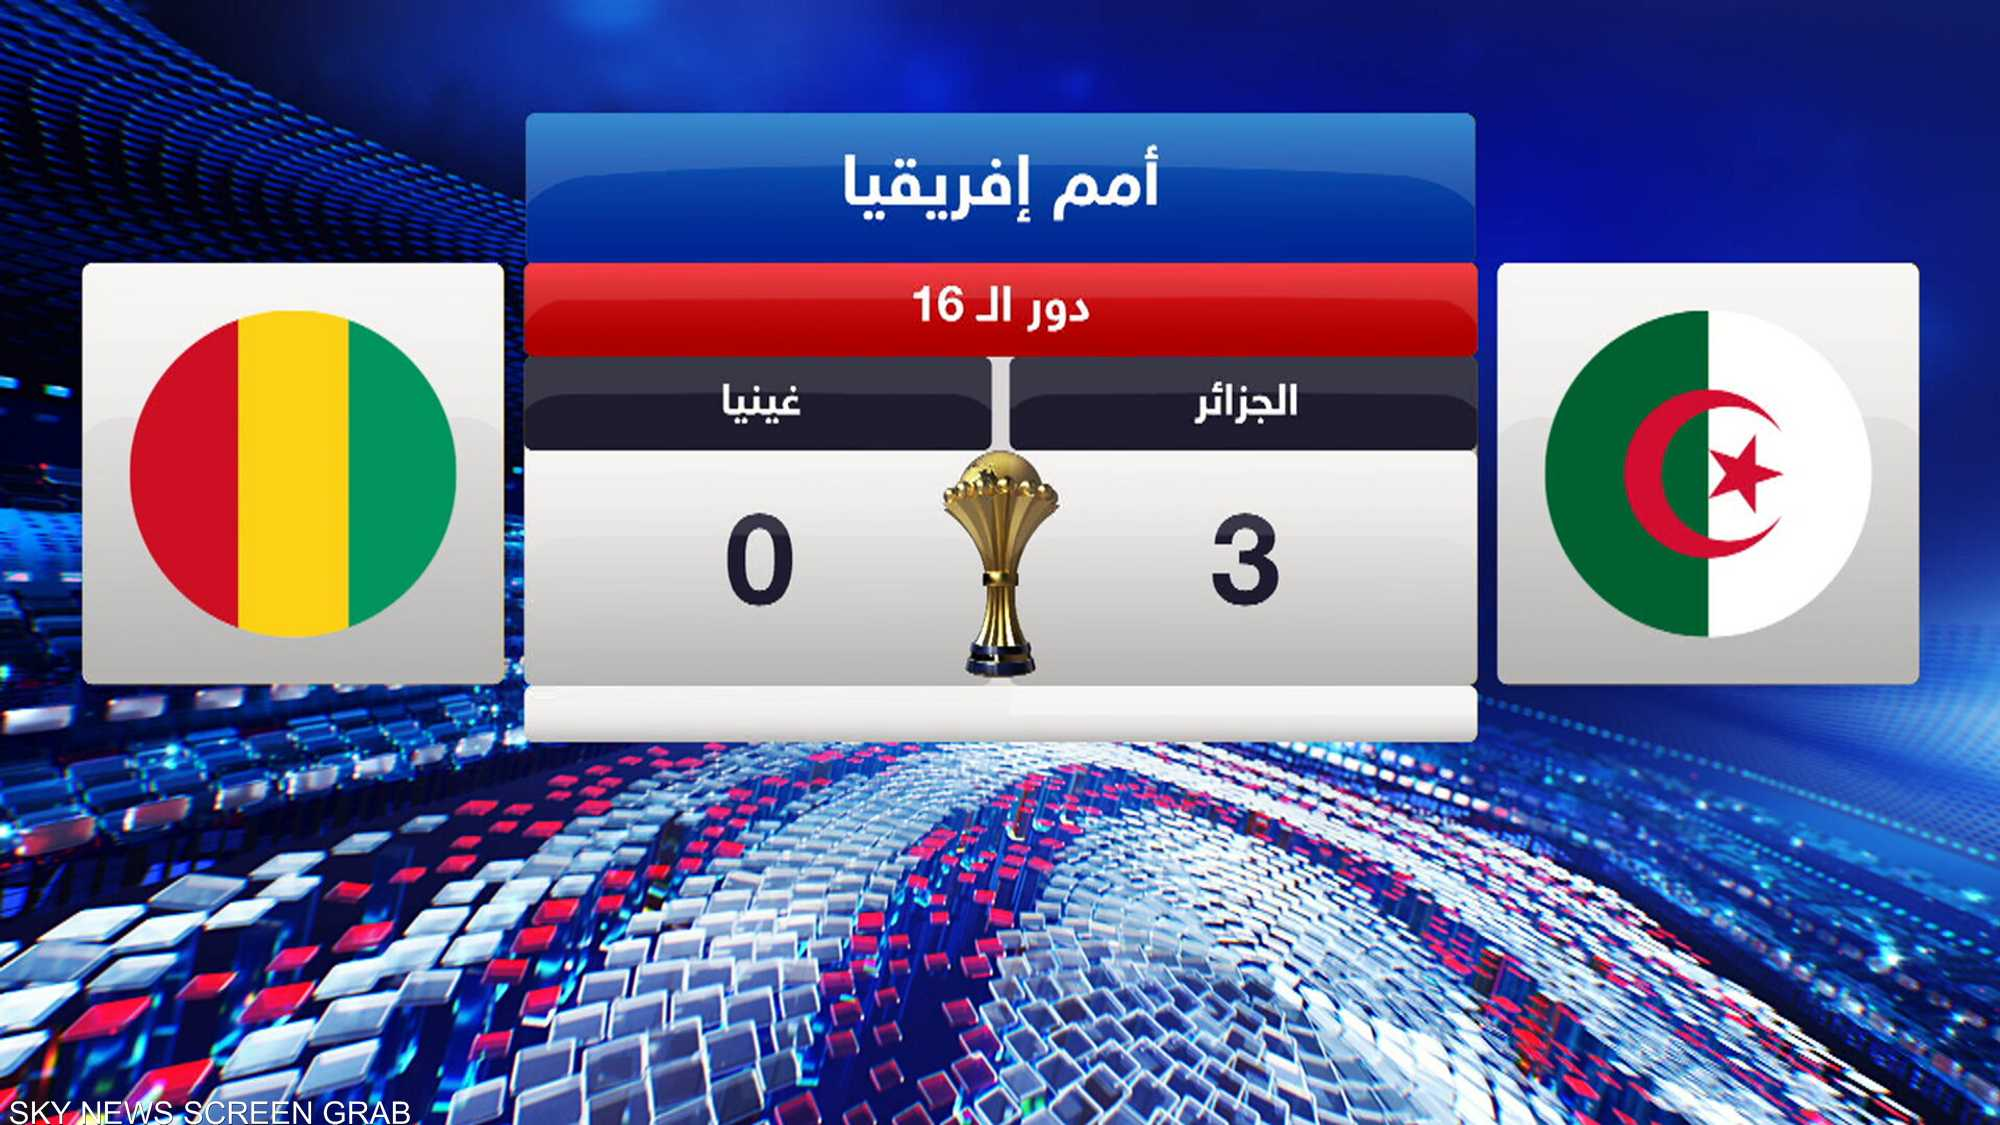 الجزائر ترفع راية العرب في ربع النهائي